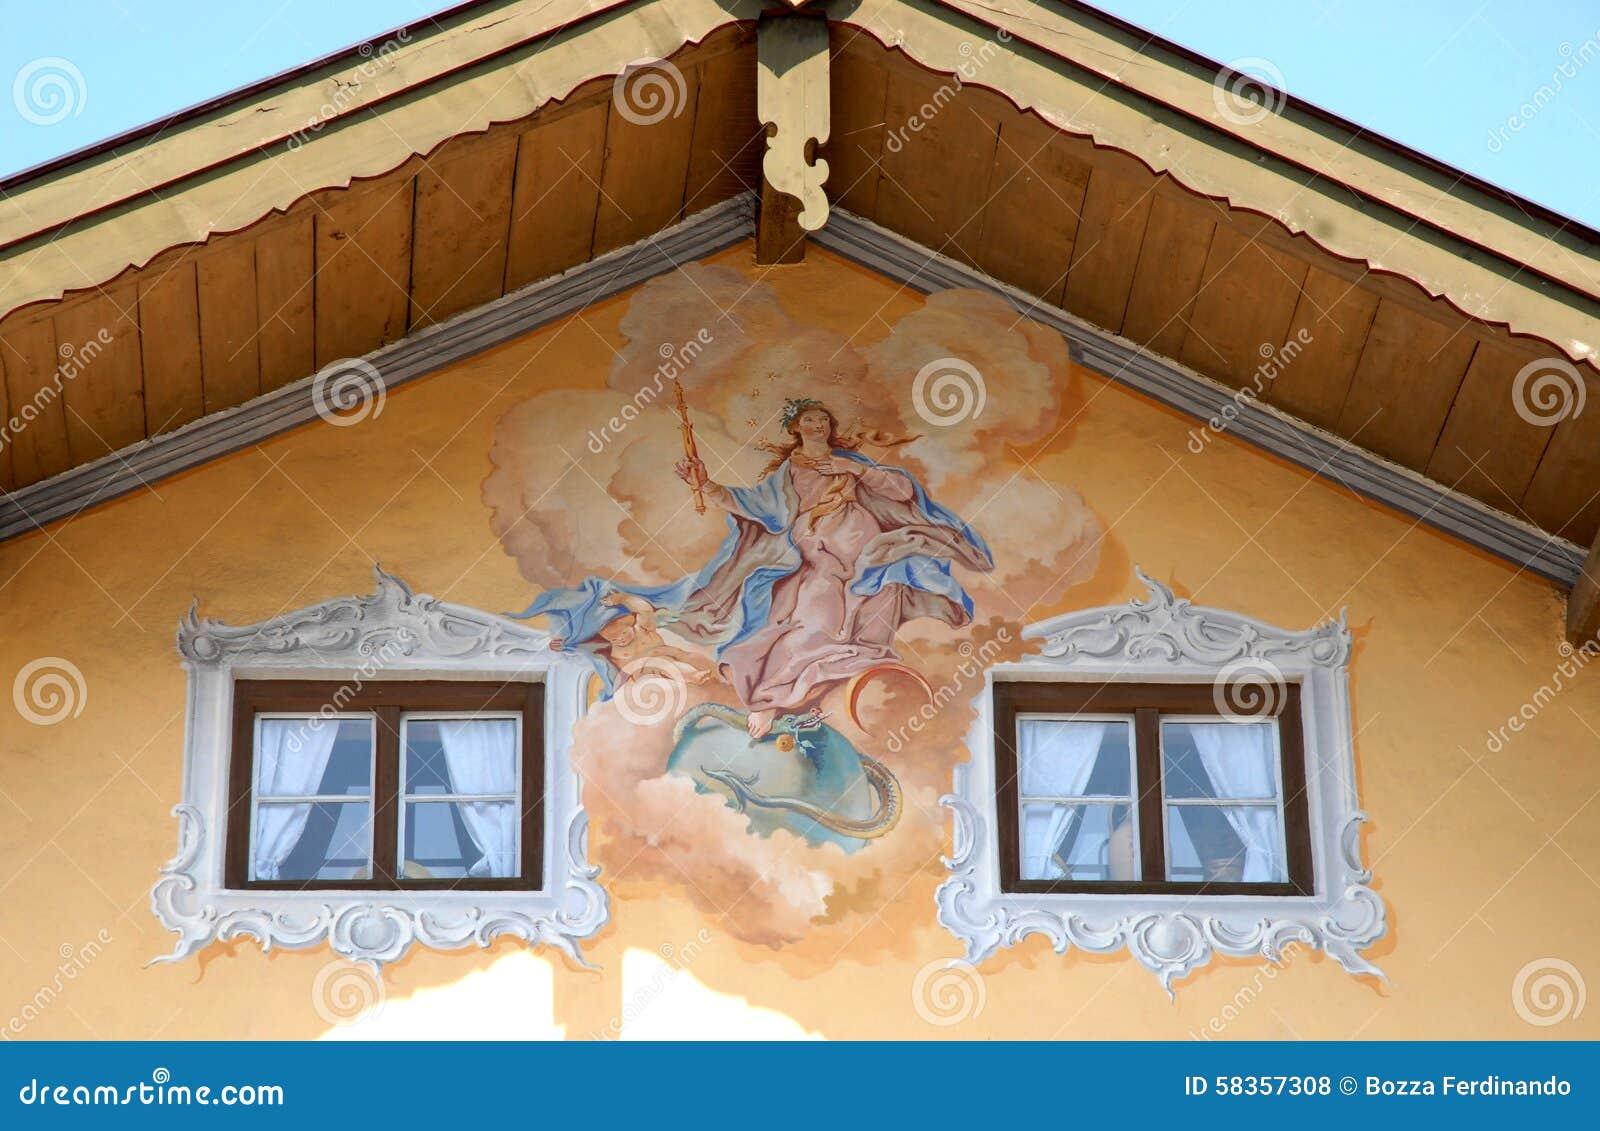 Fresko Tussen Vensters Met Witte Gordijnen In Oberammergau In ...